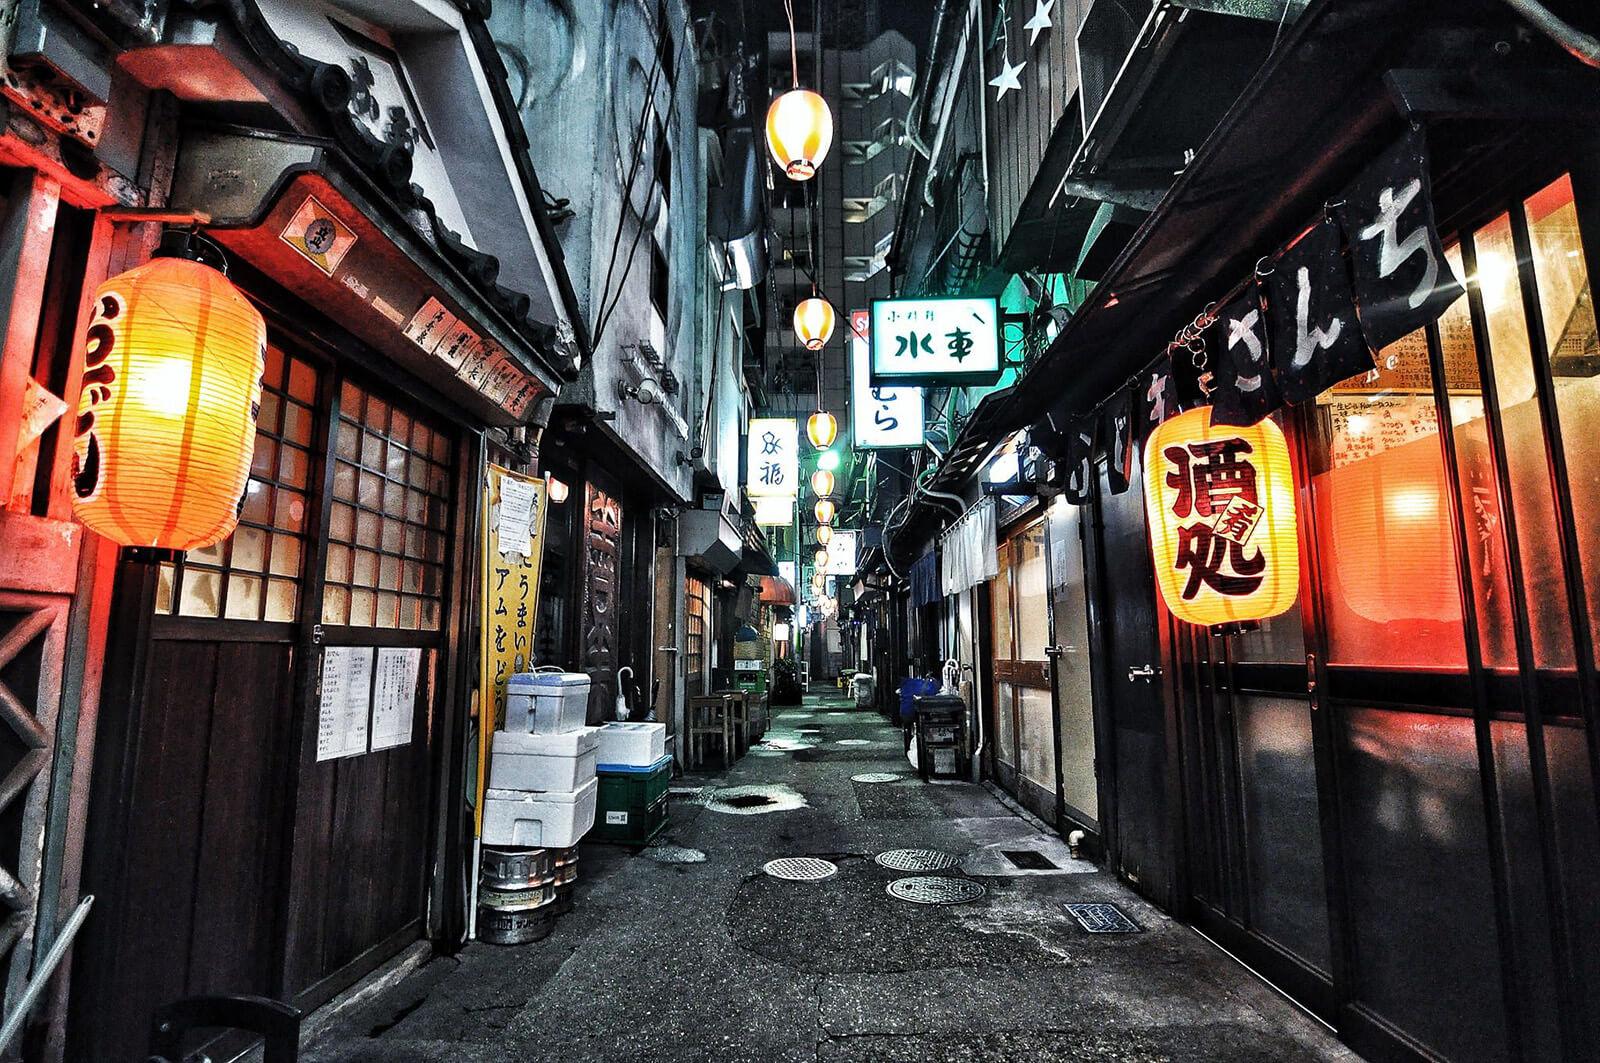 Nonbei Yokocho, Shibuya, Tokyo, Japan